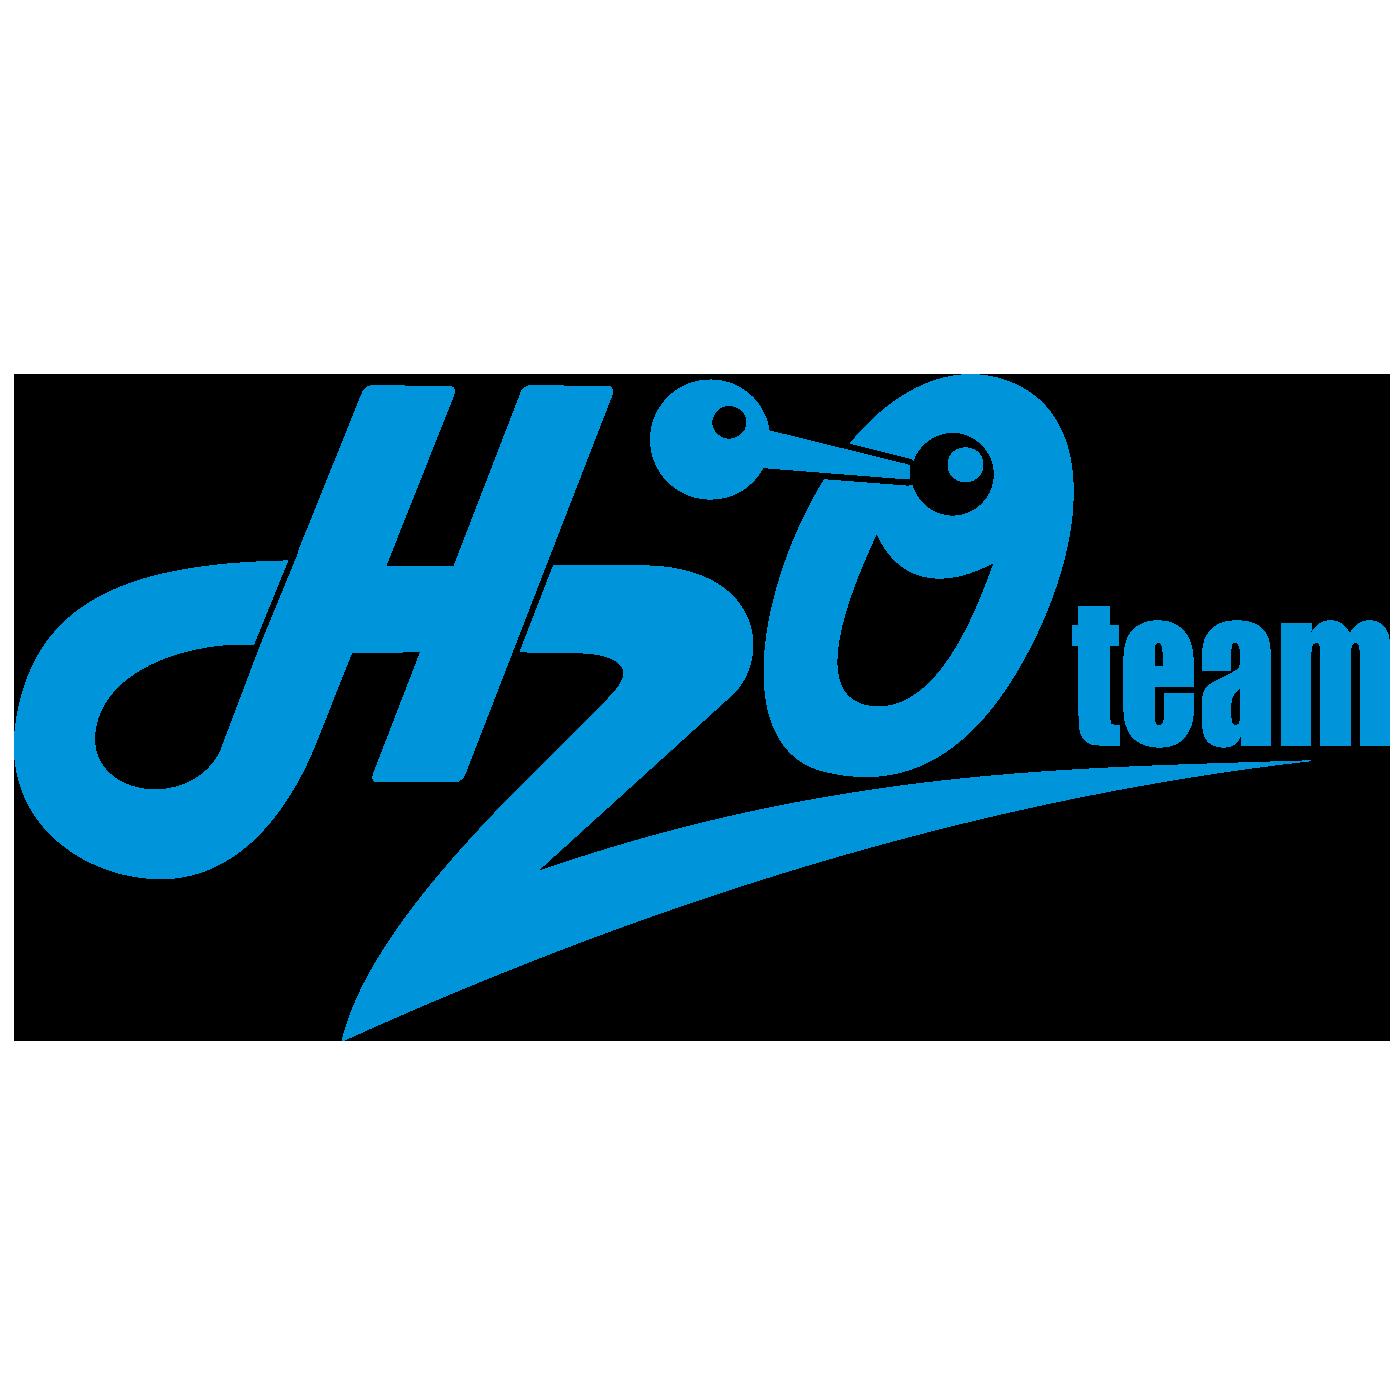 H2O team potapljanje